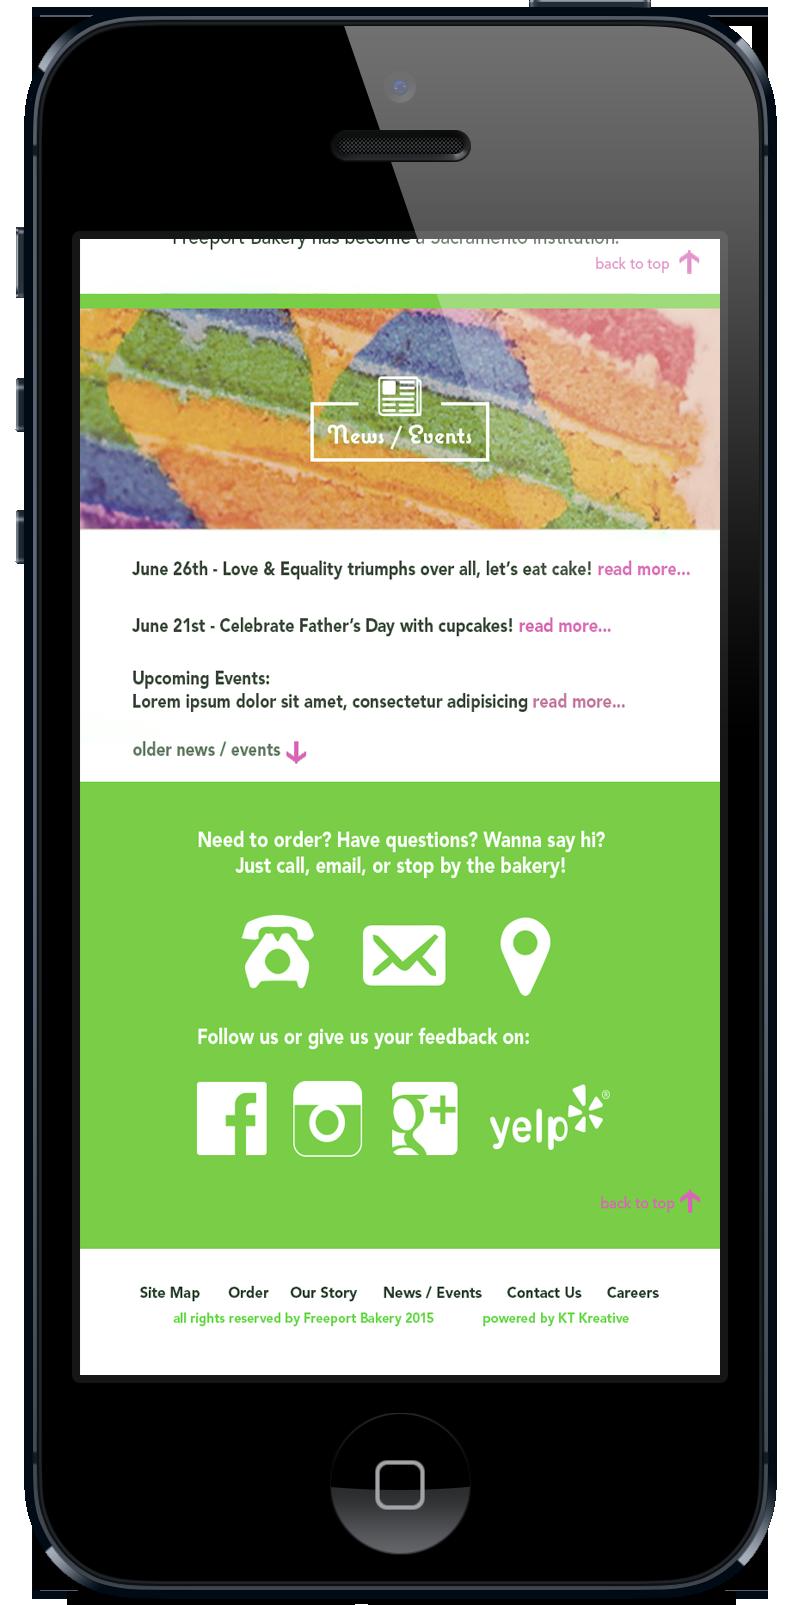 Freeport Bakery Mobile Site On Behance